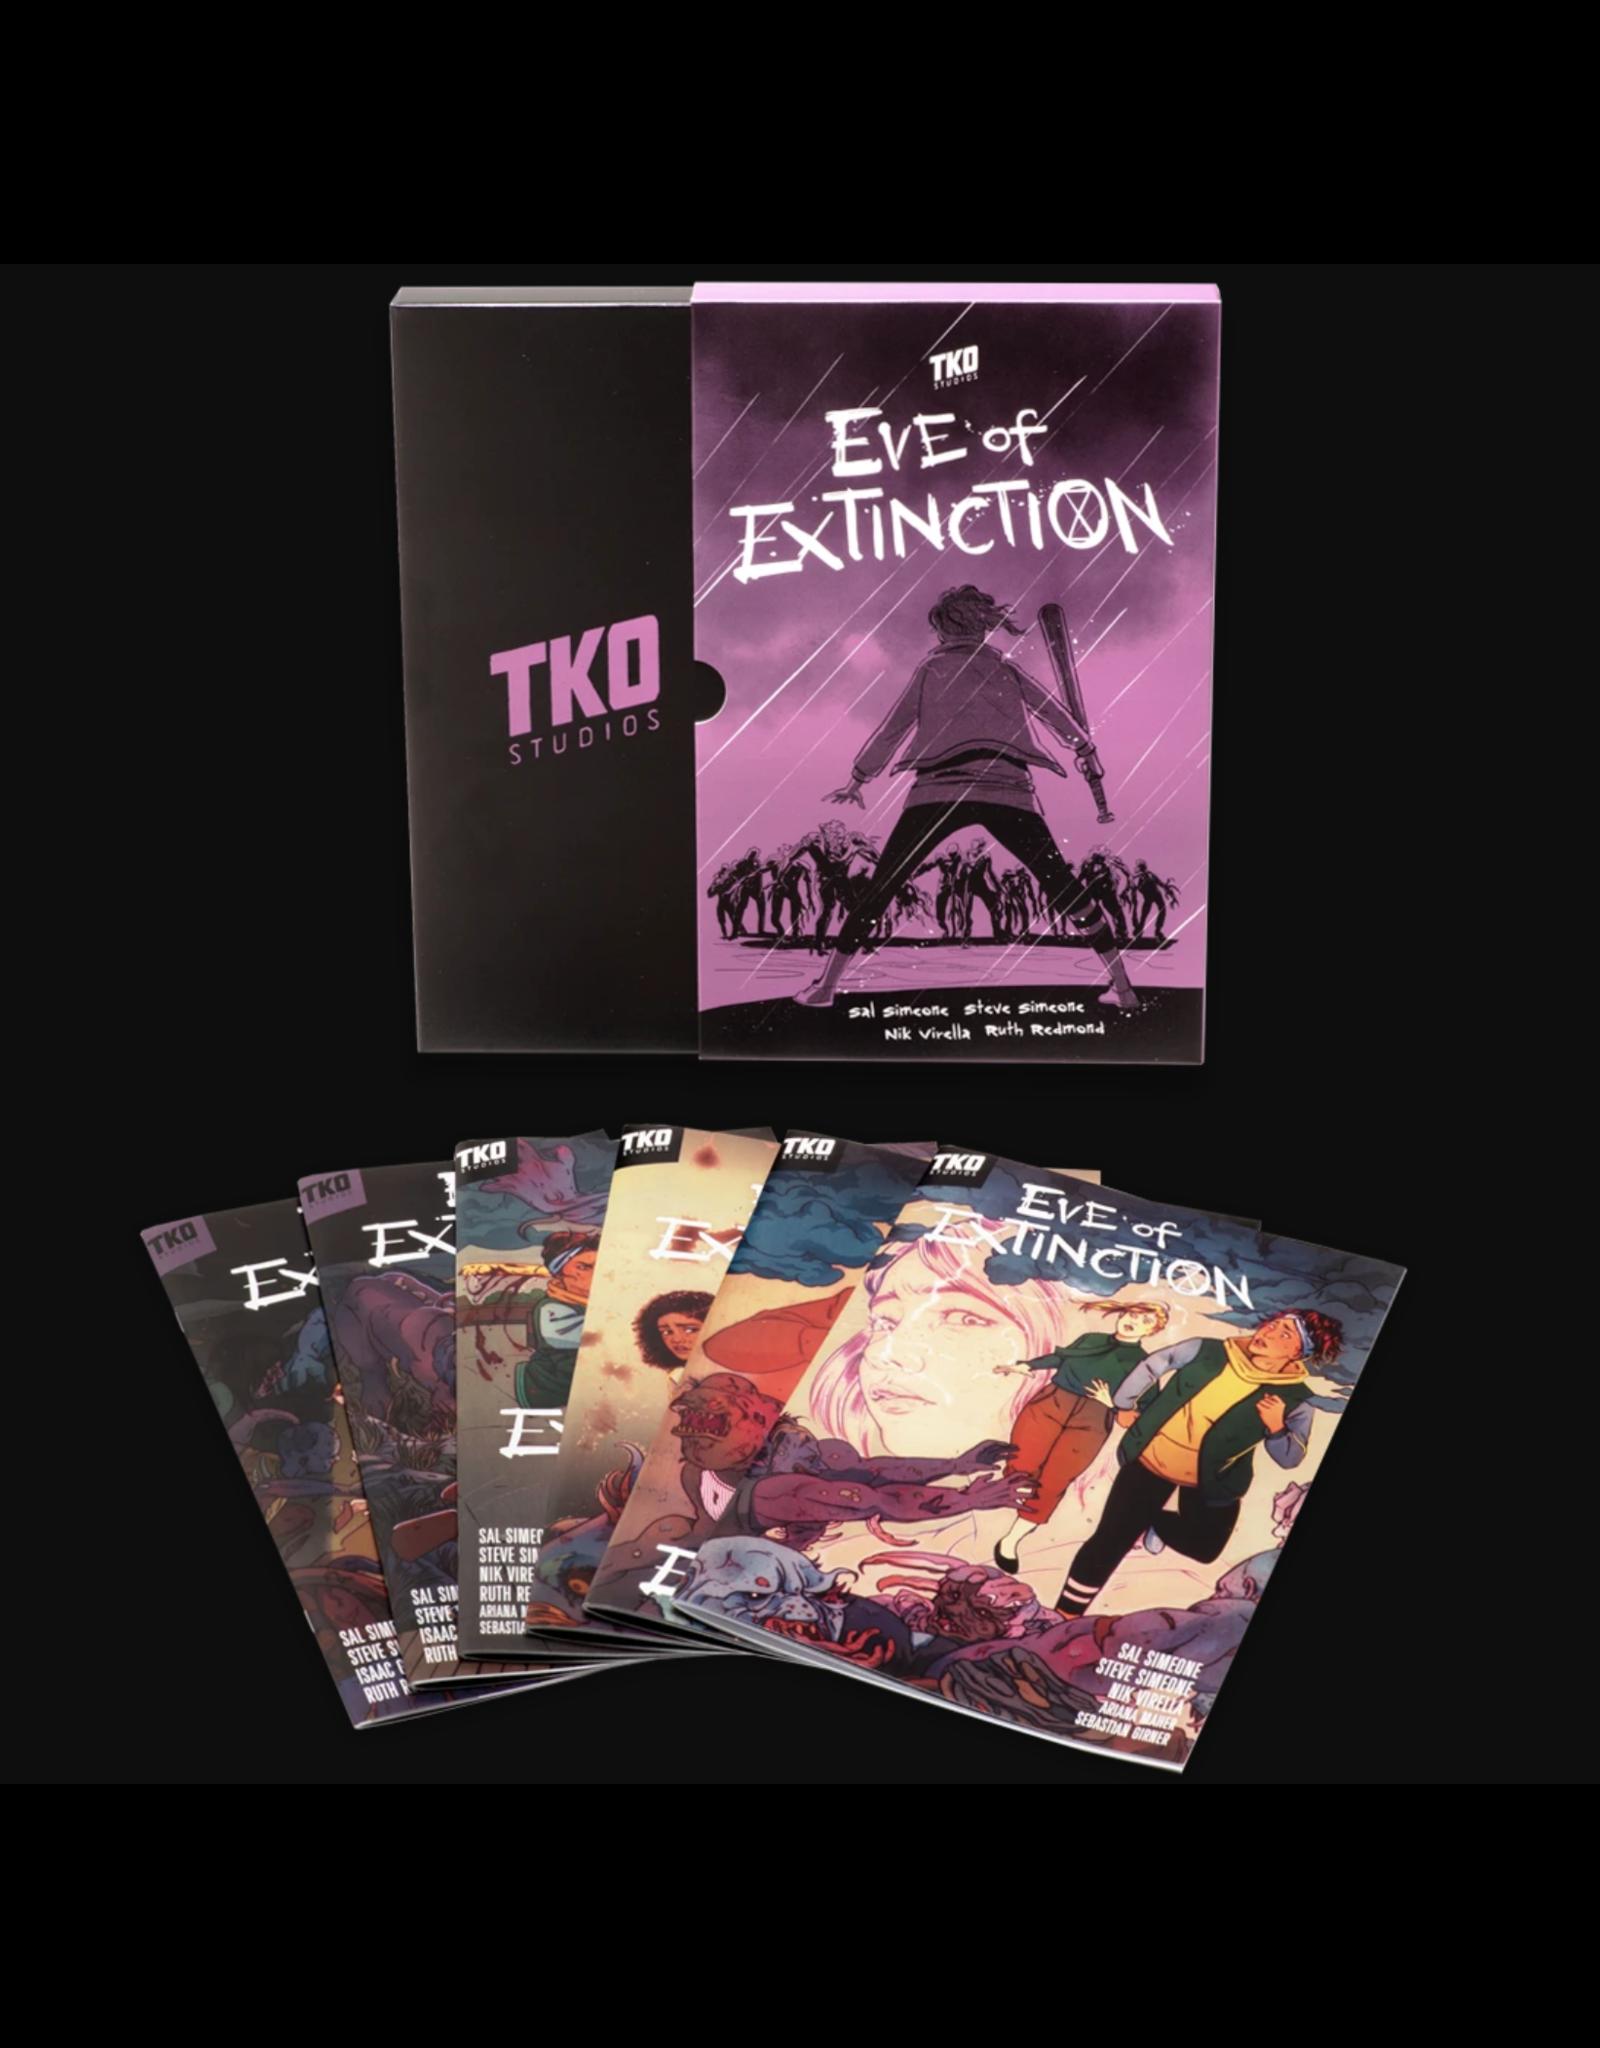 EVE OF EXTINCTION SIX ISSUE BOX SET